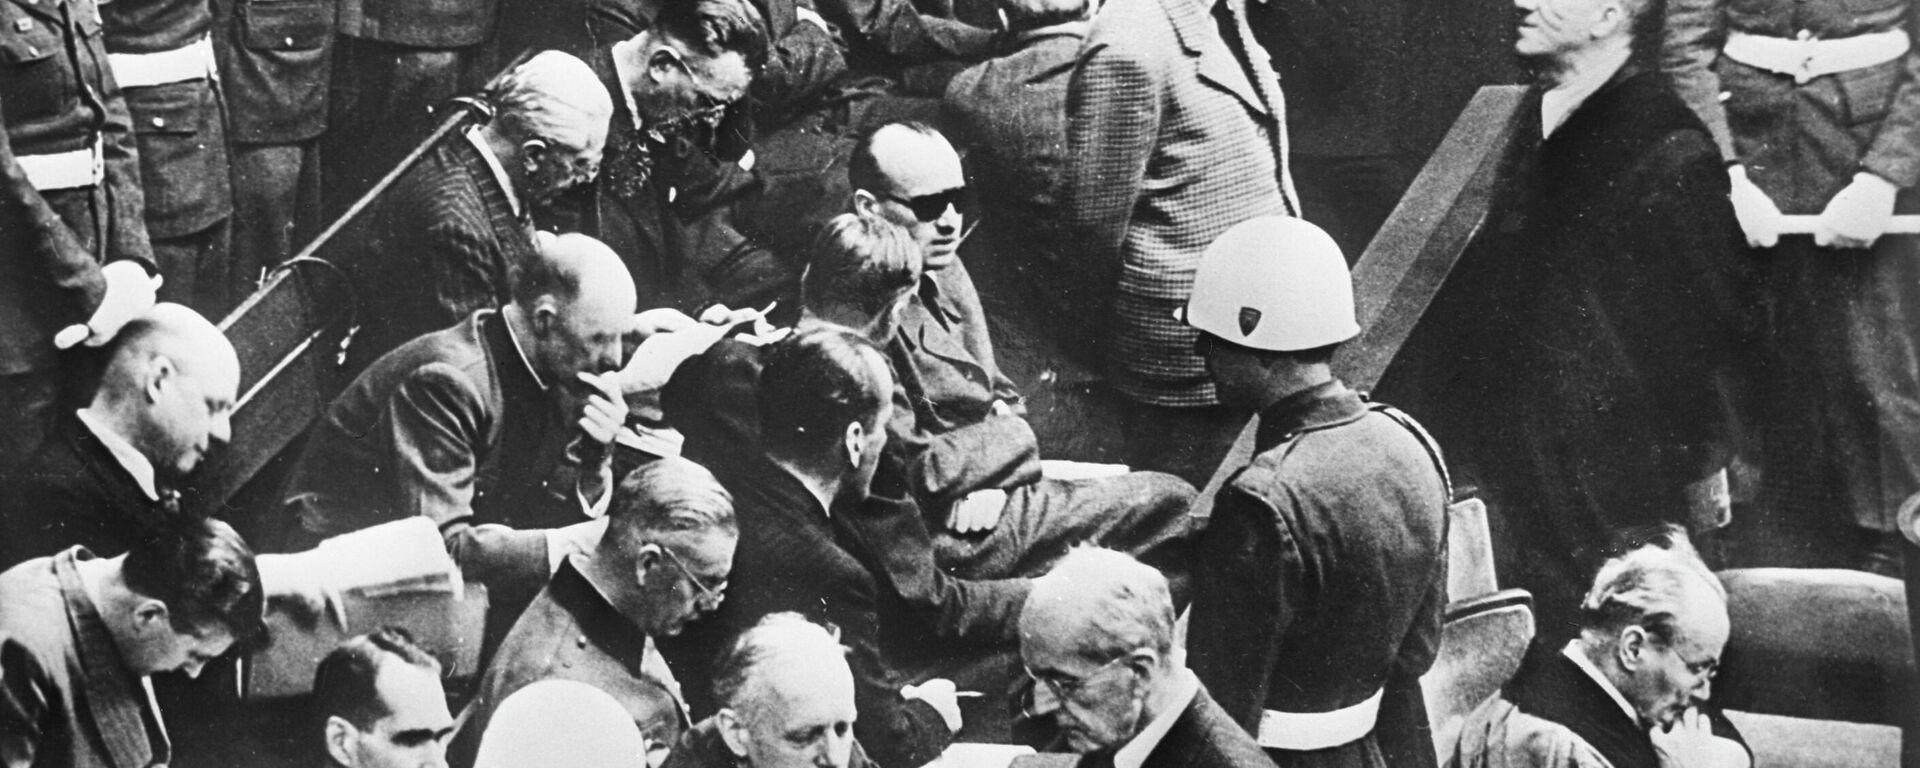 Angeklagte beim Nürnberger Tribunal gegen Nazi-Verbrecher - SNA, 1920, 28.04.2021